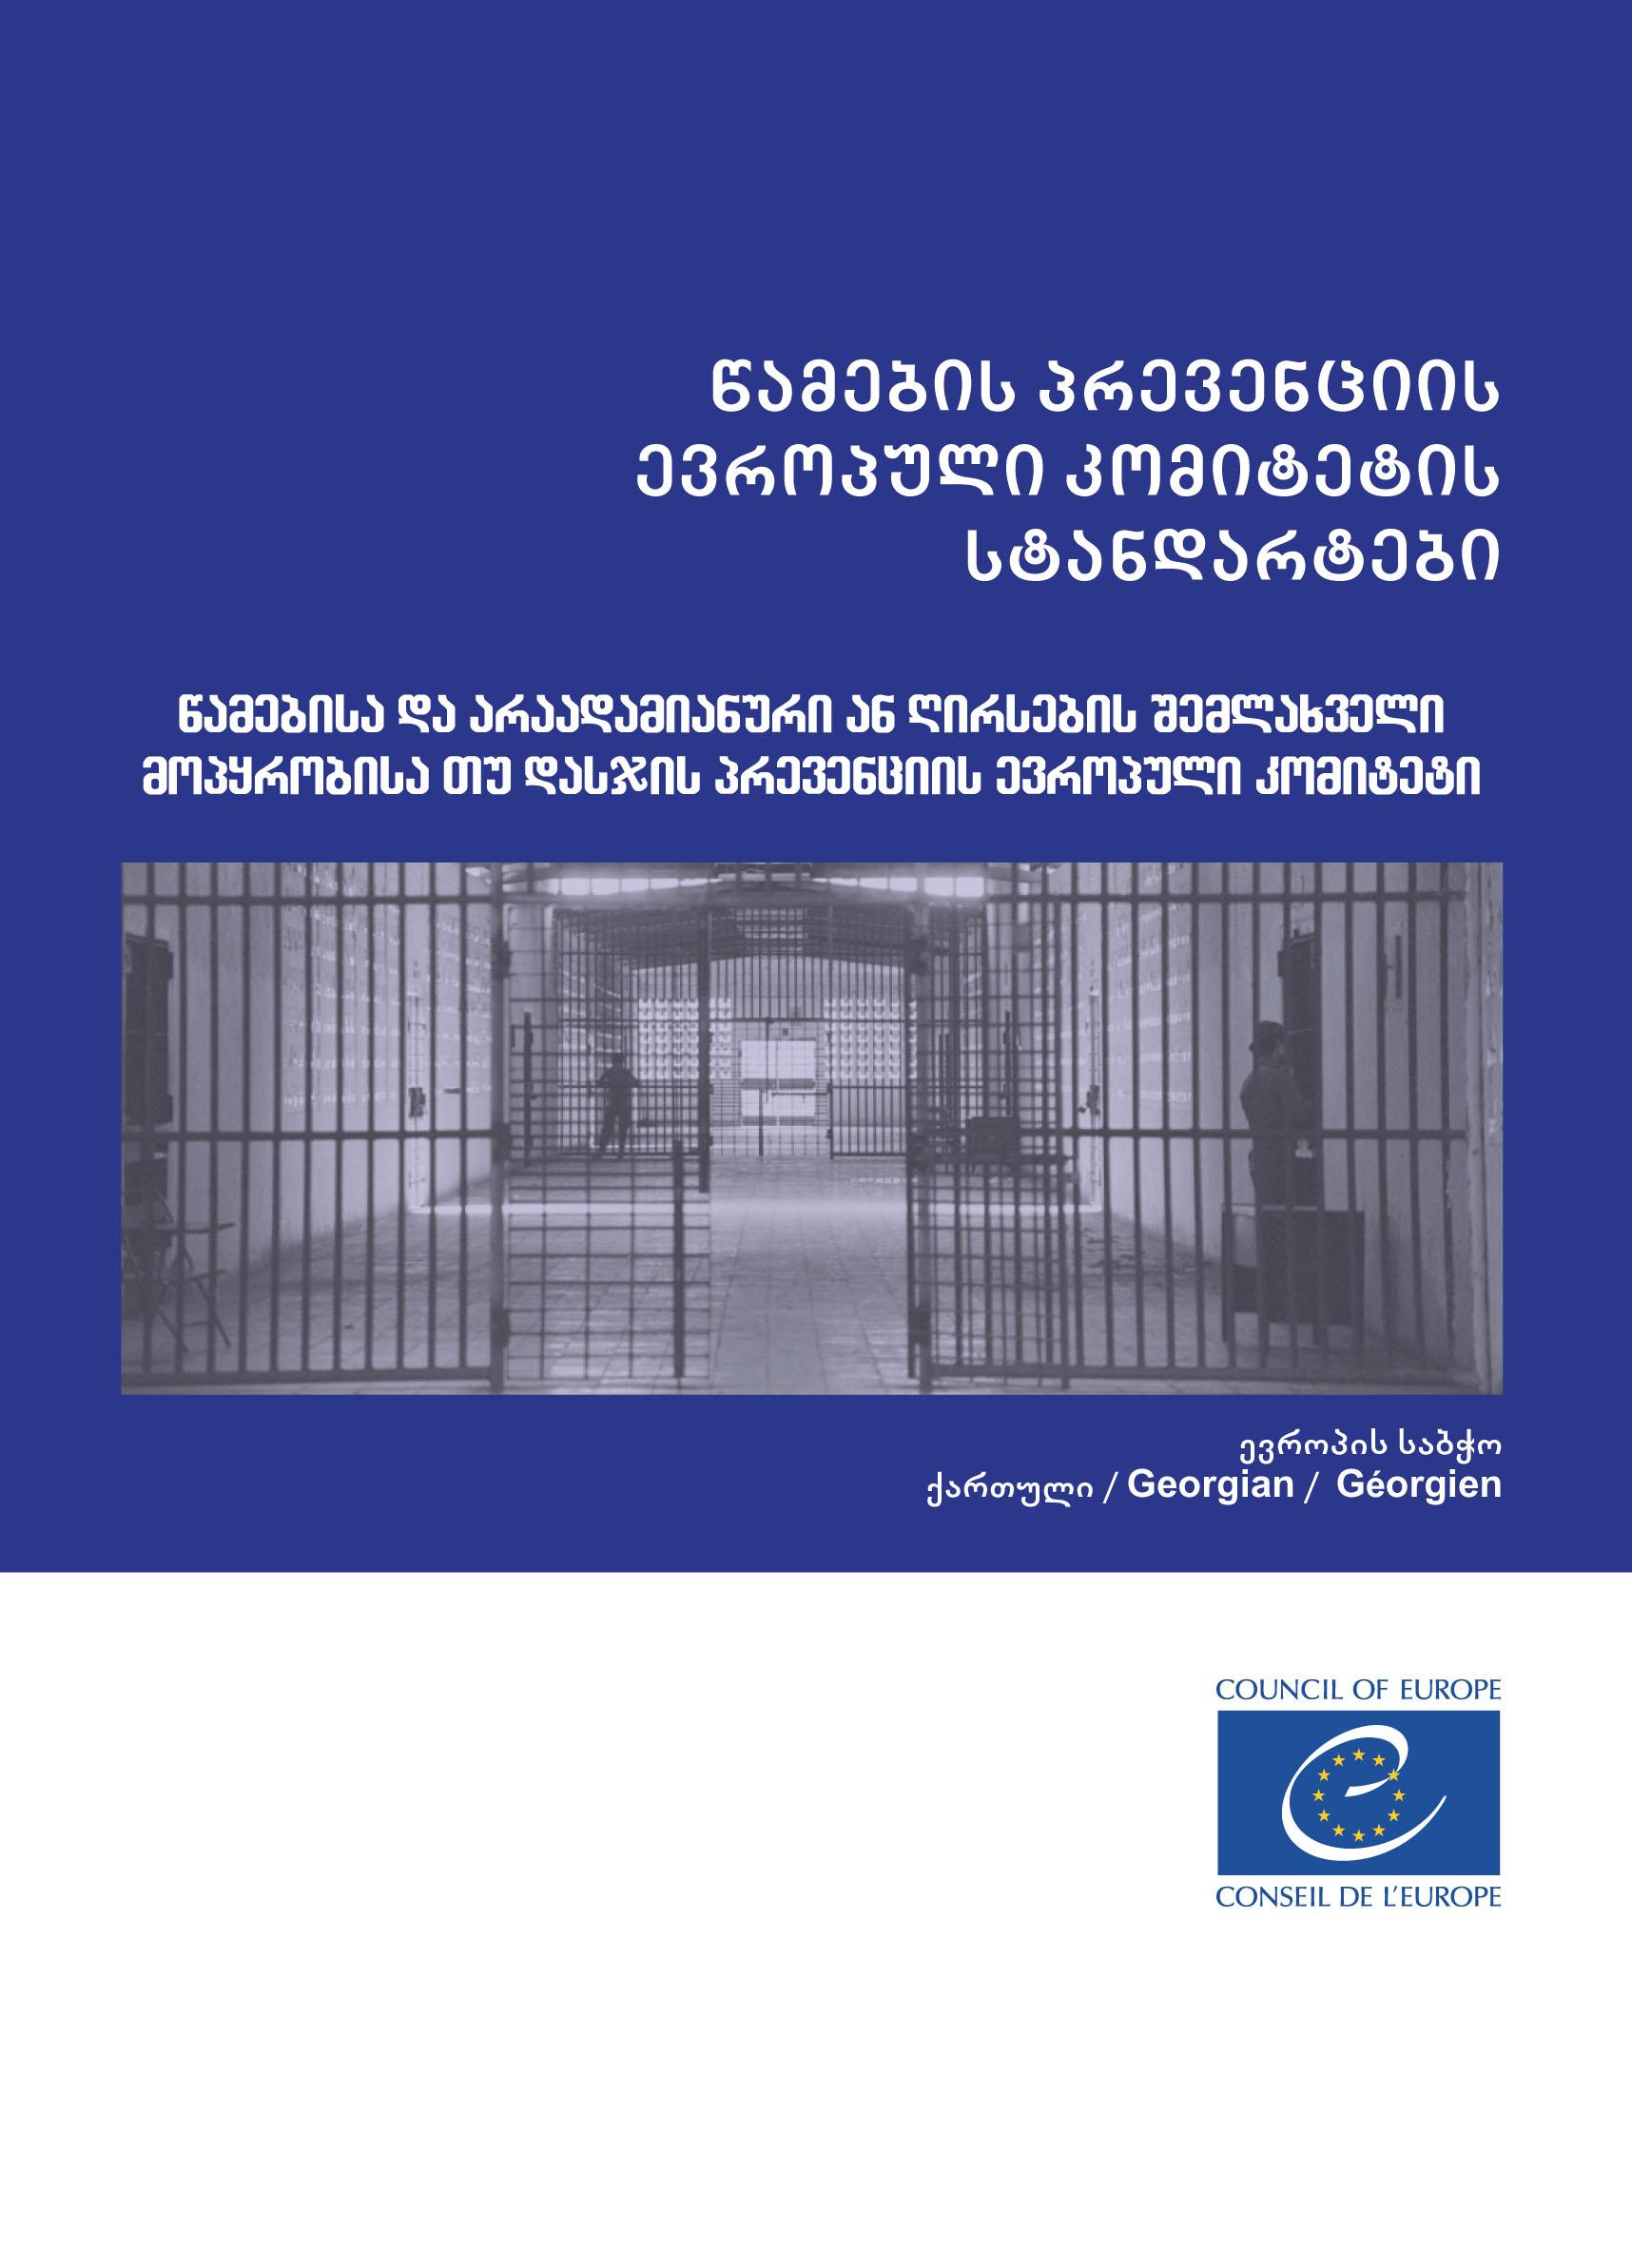 ევროპის საბჭო –  წამების პრევენციის ევროპული კომიტეტის სტანდარტები: წამებისა და არაადამიანური ან ღირსების შემლახველი მოპყრობისა თუ დასჯის პრევენციის ევროპული კომიტეტი.